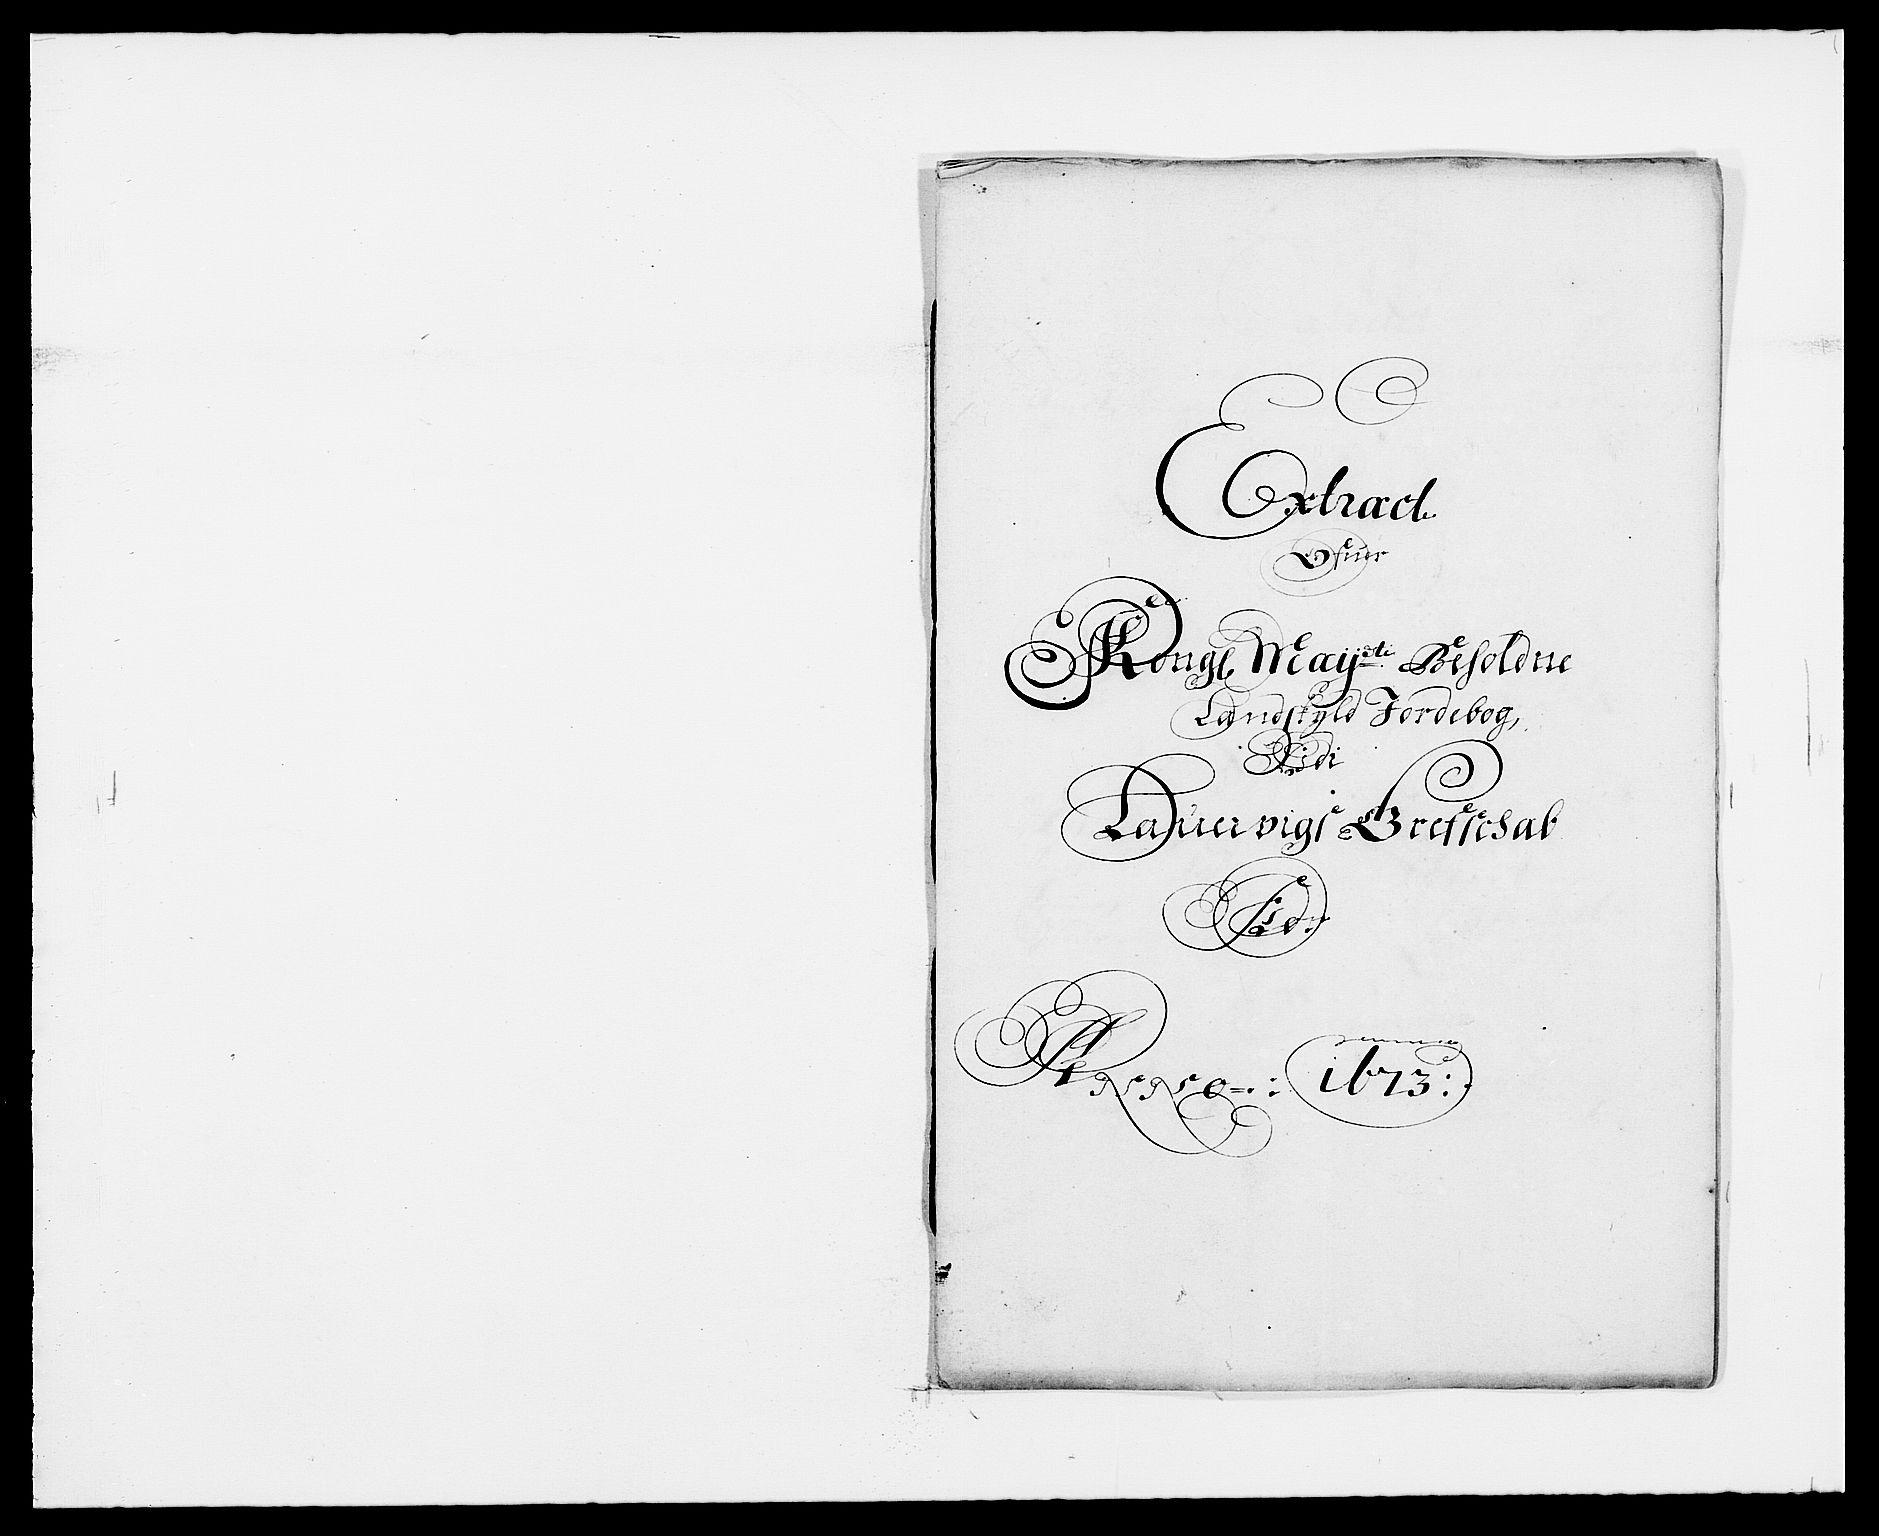 RA, Rentekammeret inntil 1814, Reviderte regnskaper, Fogderegnskap, R33/L1966: Fogderegnskap Larvik grevskap, 1672-1674, s. 158